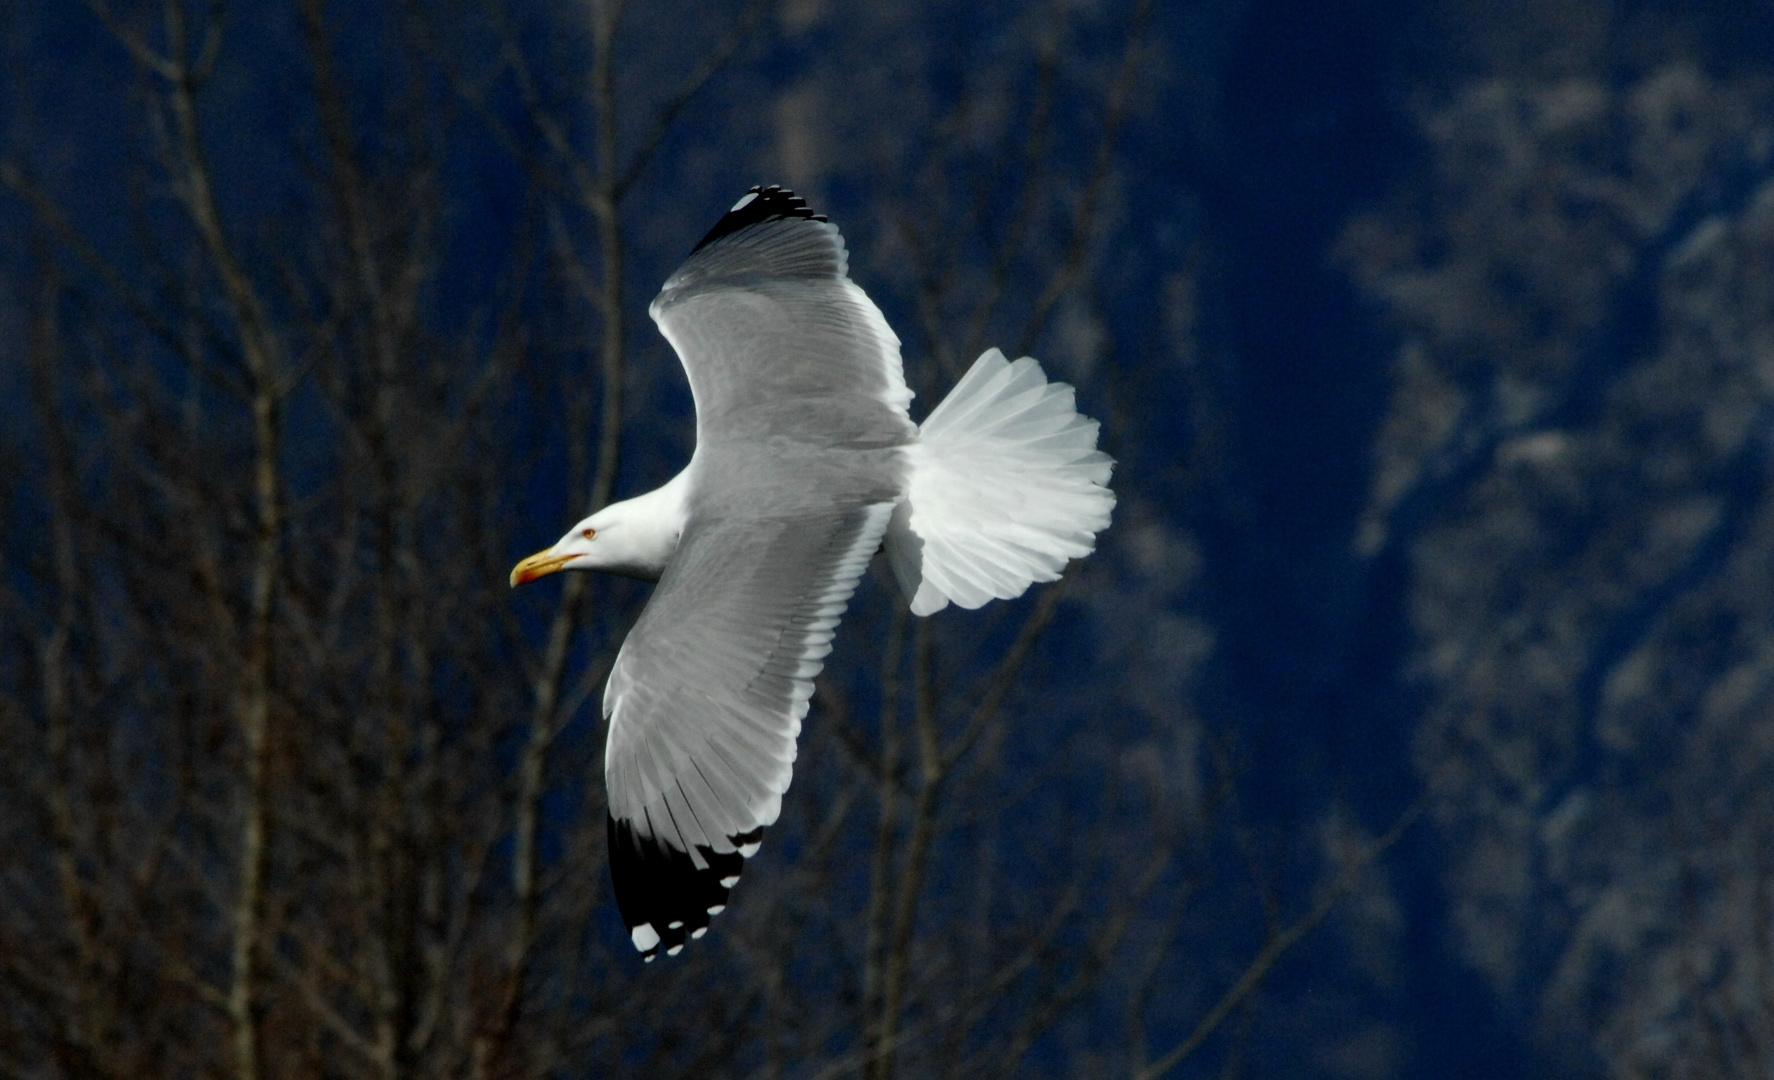 Weisskopfmöve im Anflug